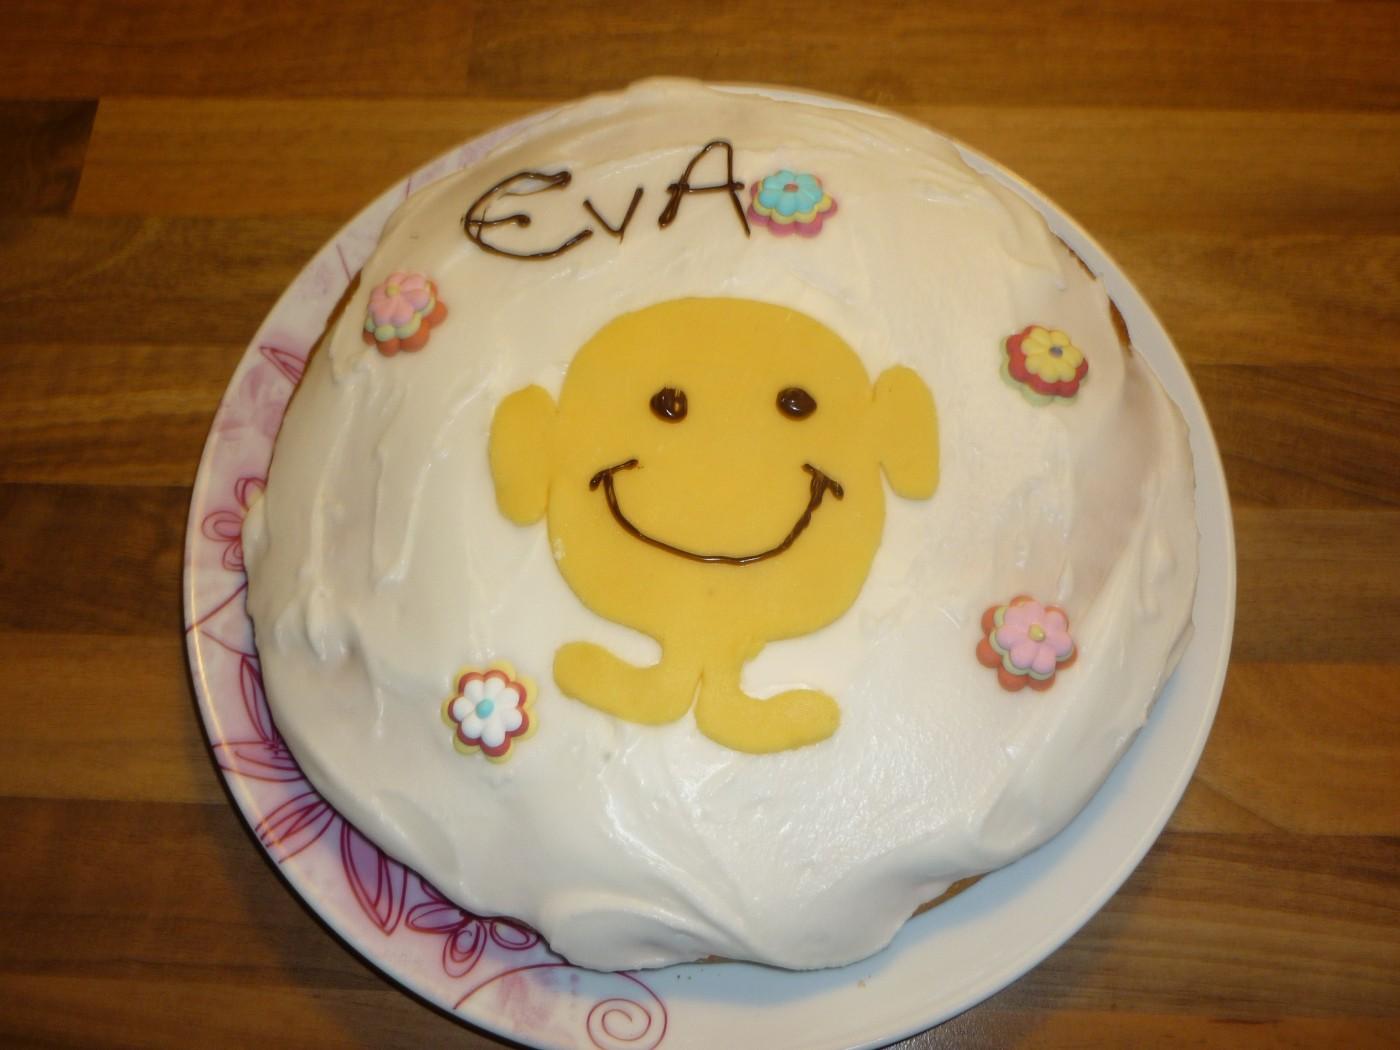 Mes premières gâteaux... décorés, pour l'anniversaire de ma fille !